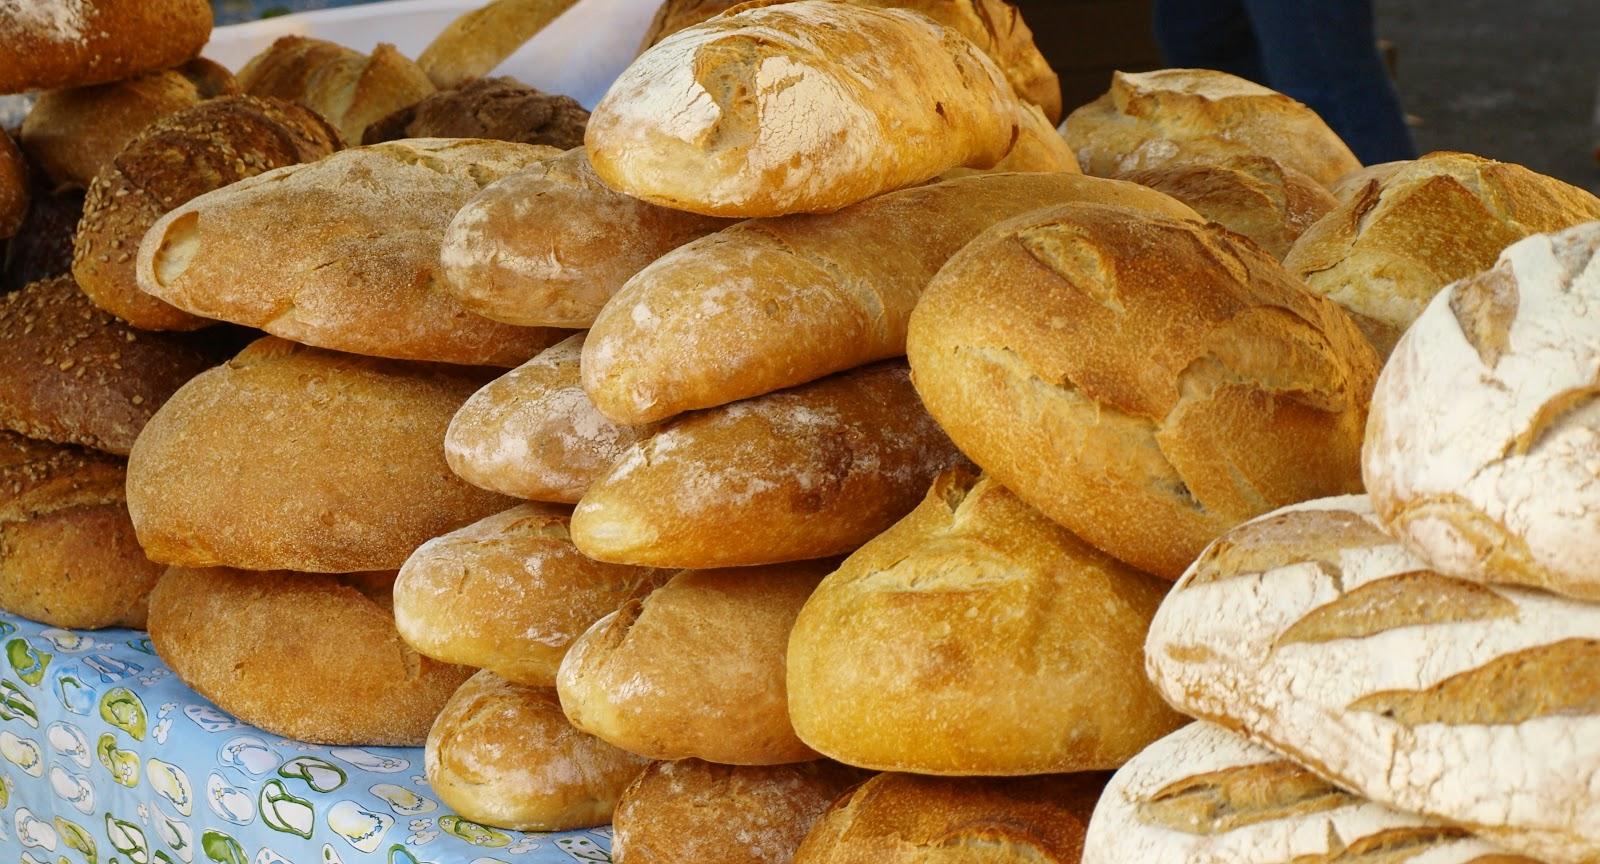 η θρεπτική αξία του ψωμιού